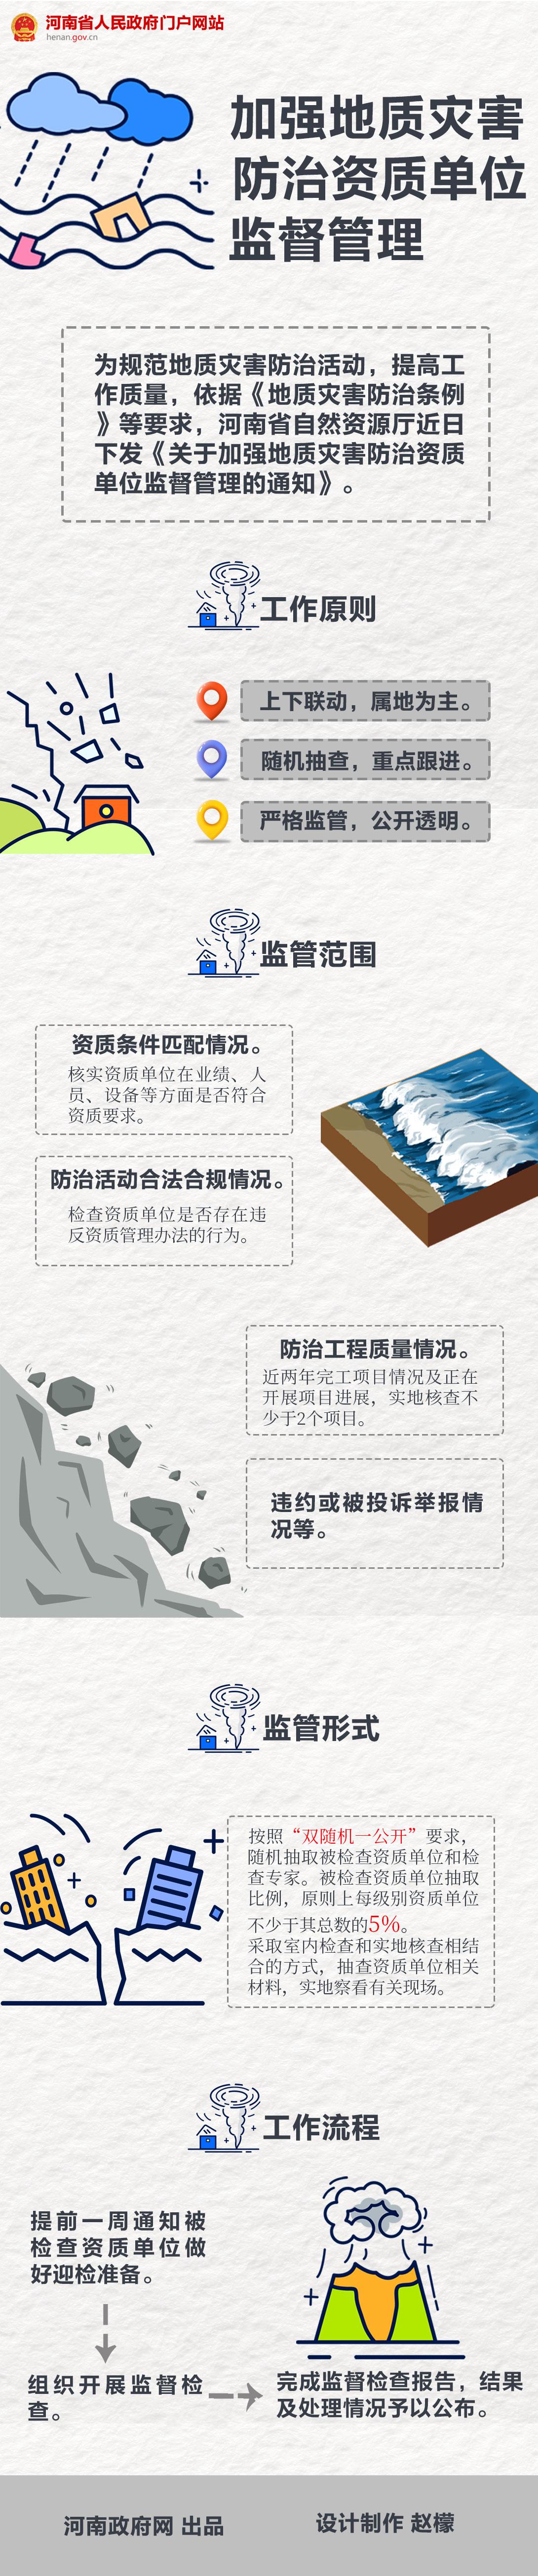 图解:河南加强地质灾害防治资质单位监督管理